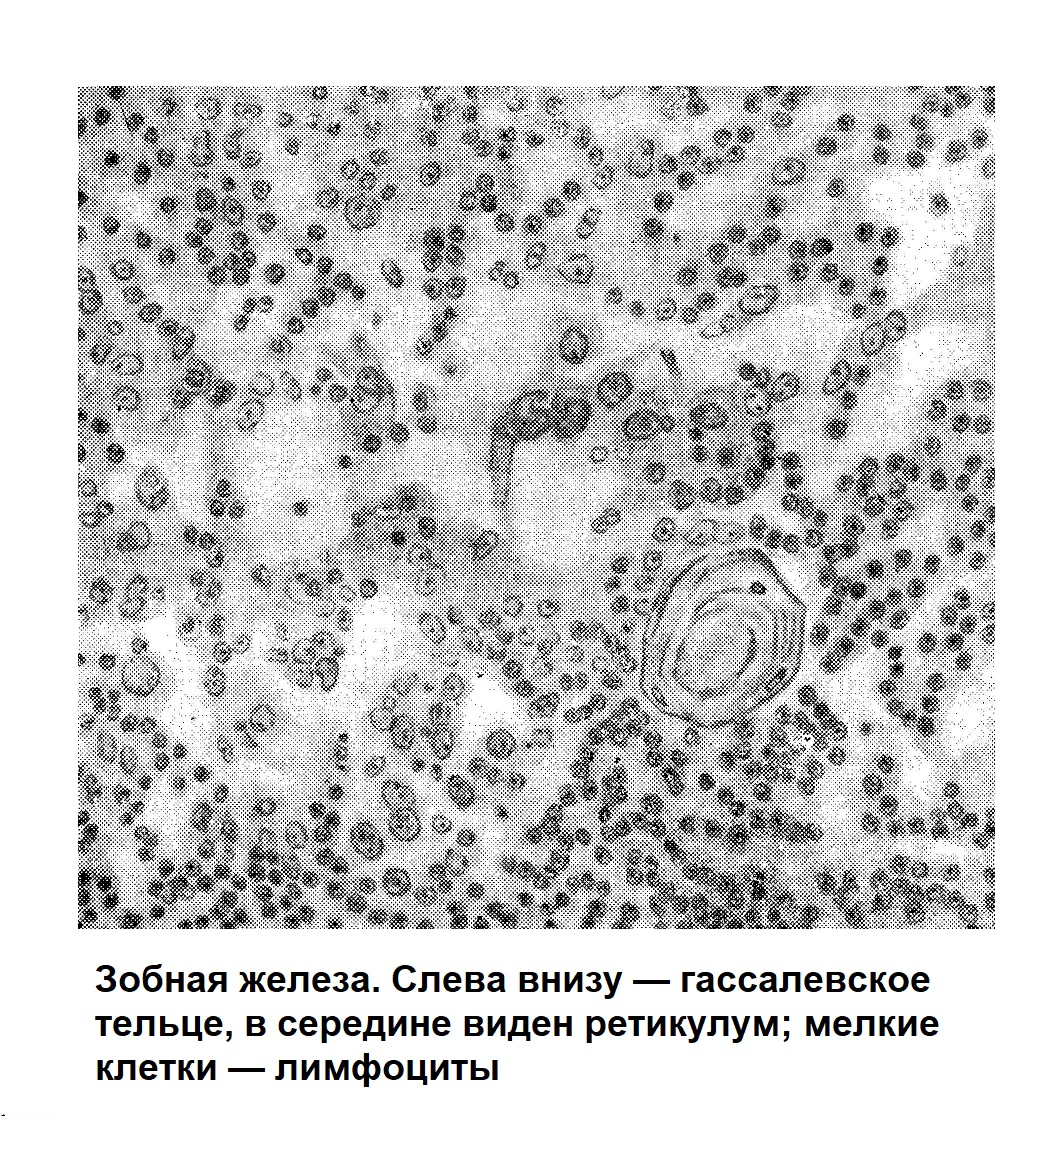 Зобная железа. Слева внизу — гассалевское тельце, в середине виден ретикулум; мелкие клетки — лимфоциты